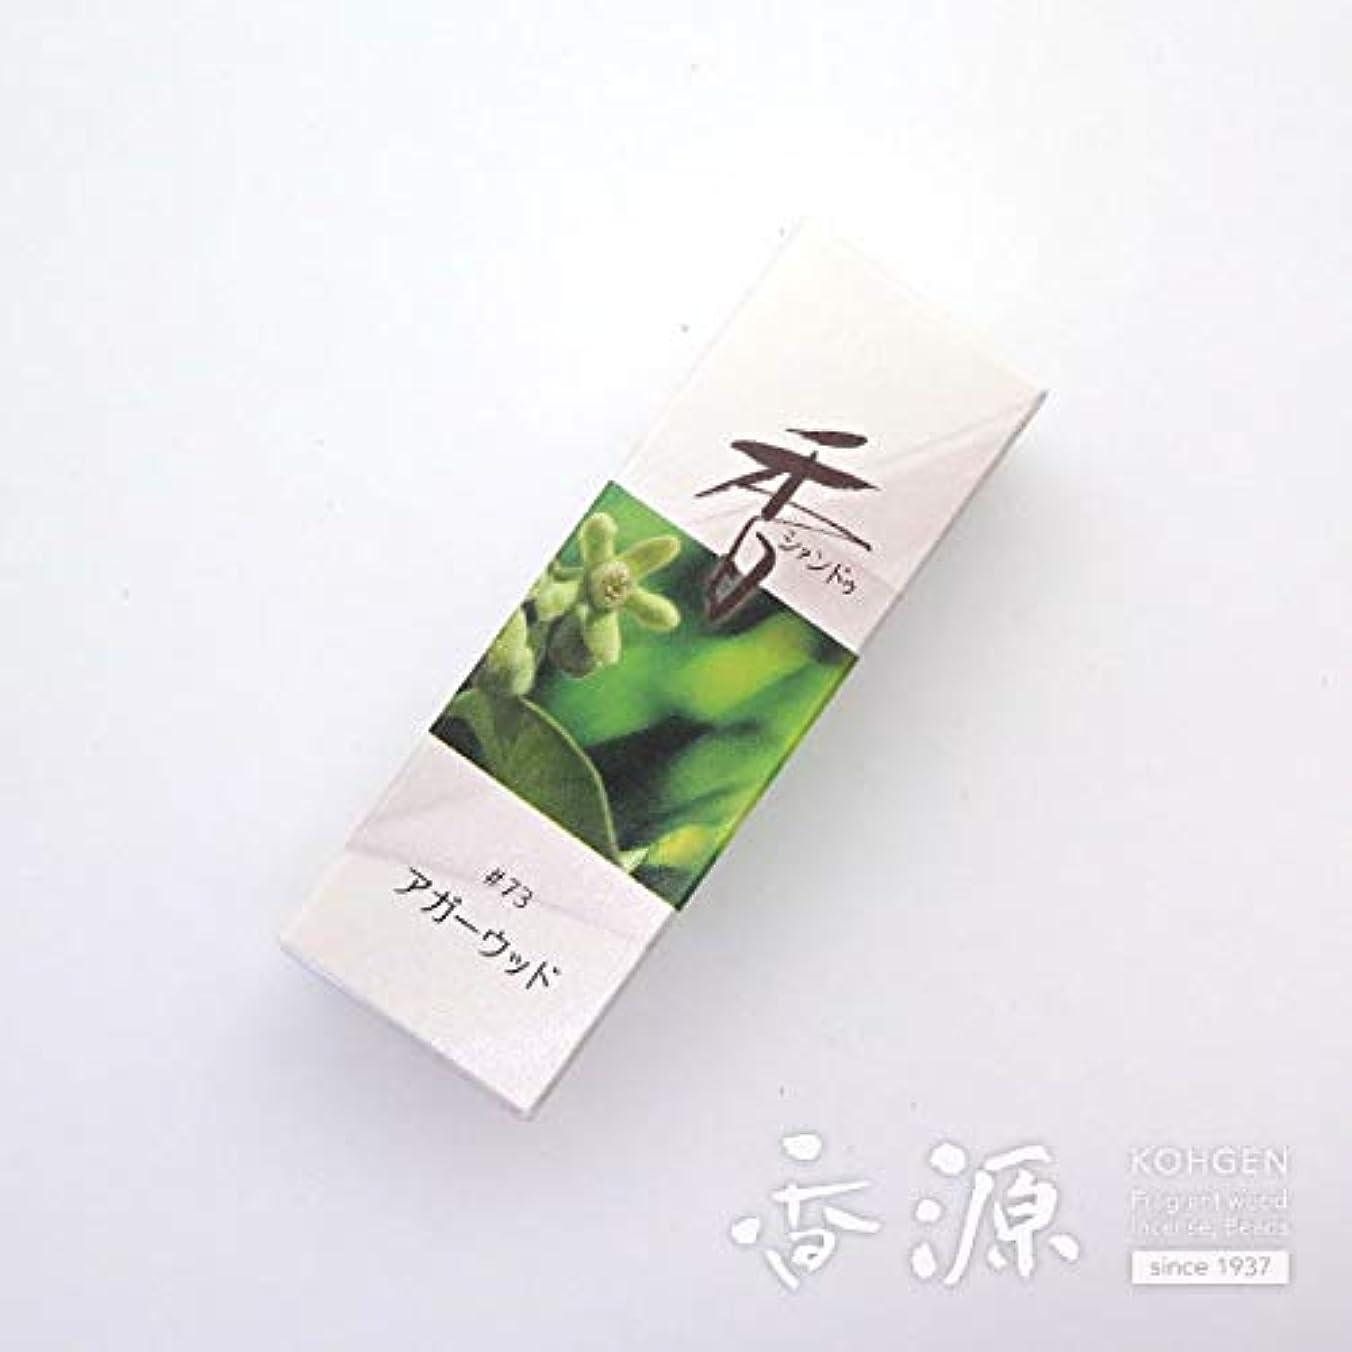 予測子万一に備えて北米松栄堂のお香 Xiang Do(シャンドゥ) アガーウッド ST20本入 簡易香立付 #214273